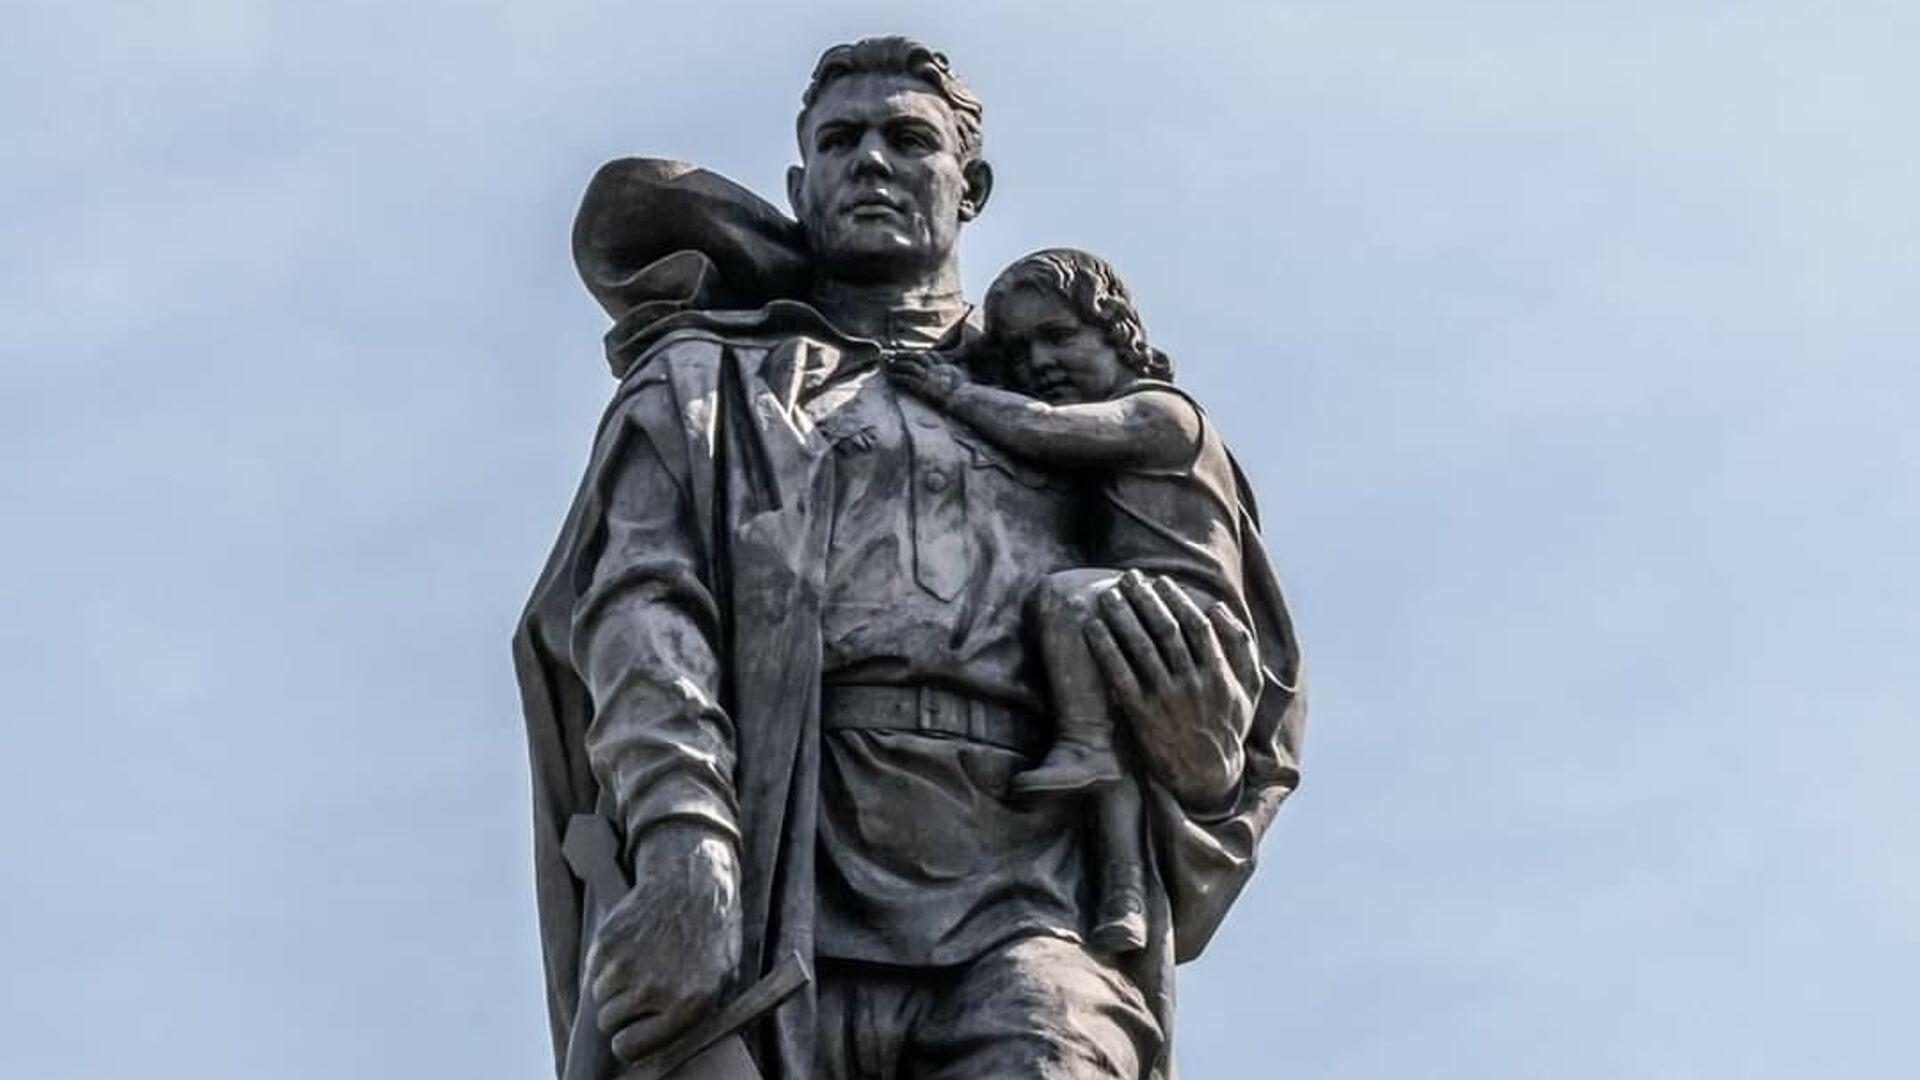 Памятник Воину-освободителю в Берлине - РИА Новости, 1920, 21.06.2021